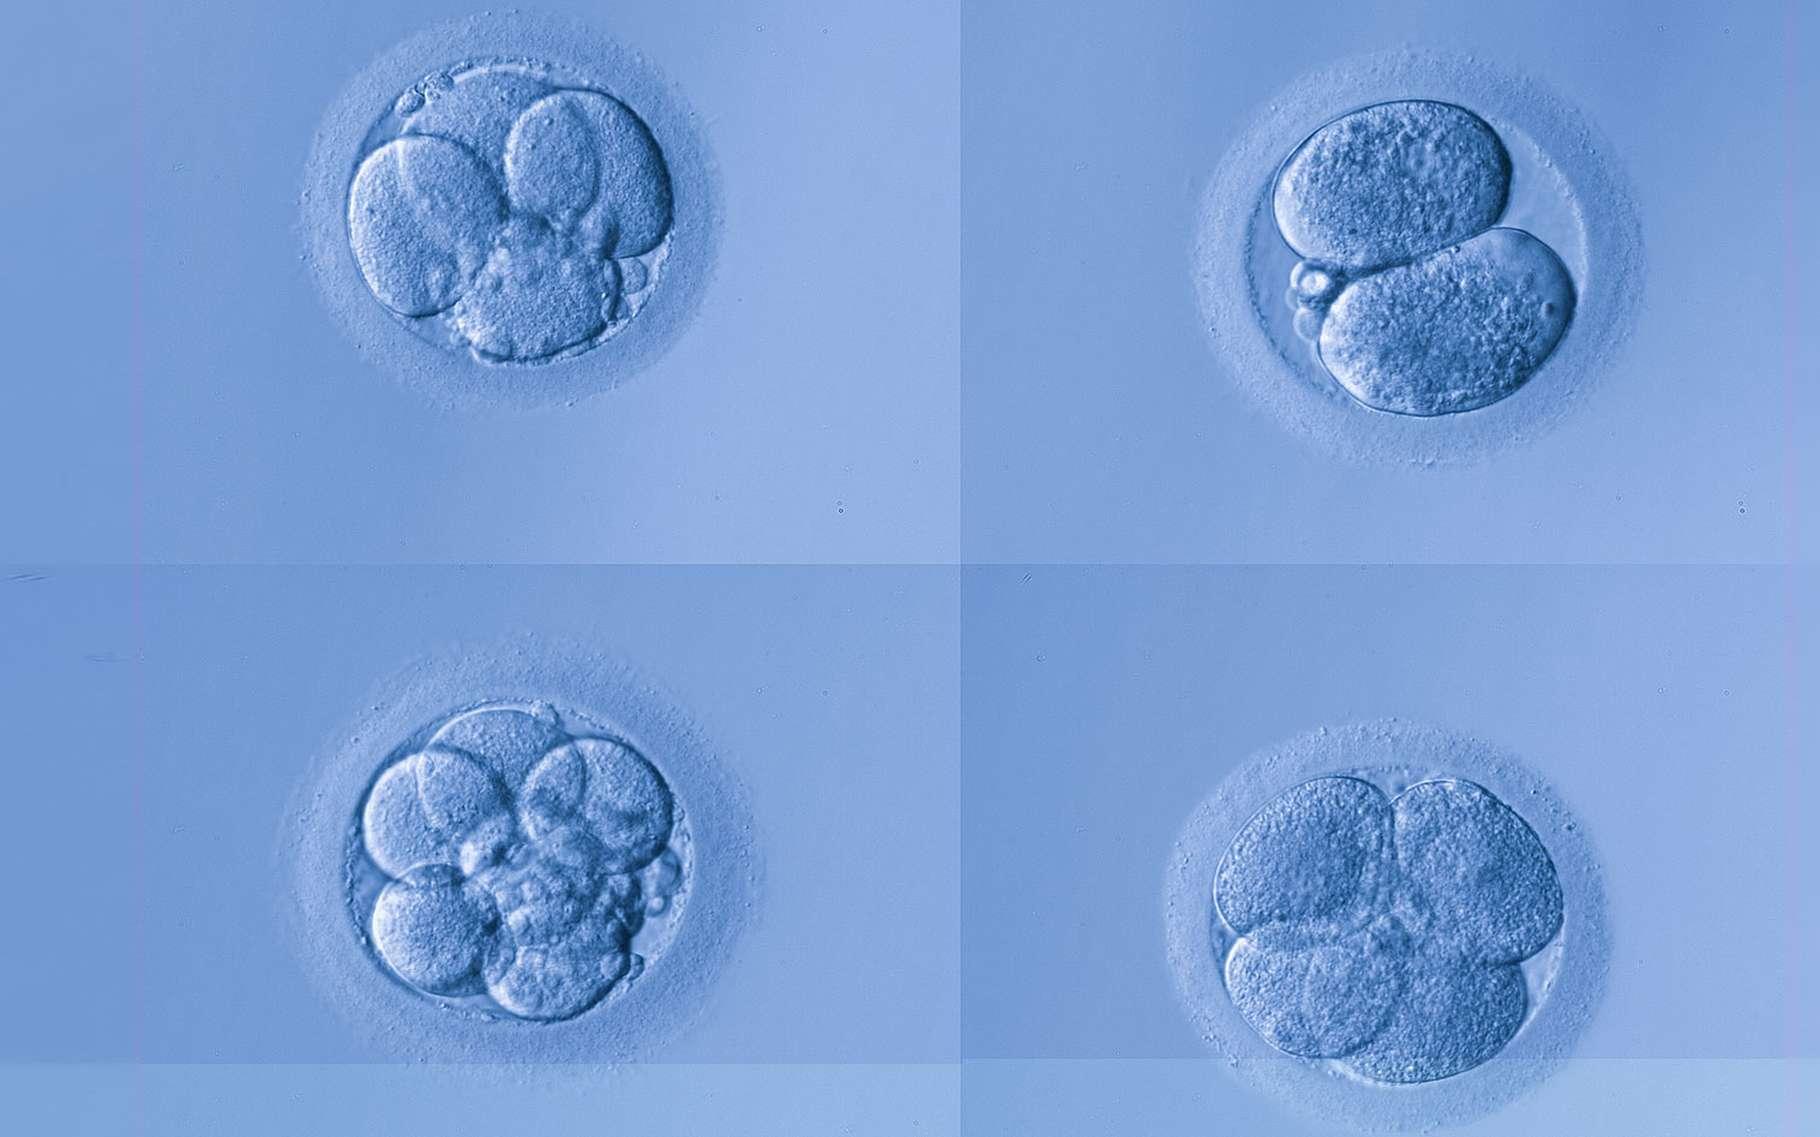 De wijze waarop materie wordt gecreëerd vertoont sterke gelijkenis met de wijze waarop een bevruchte eicel zich vermenigvuldigt